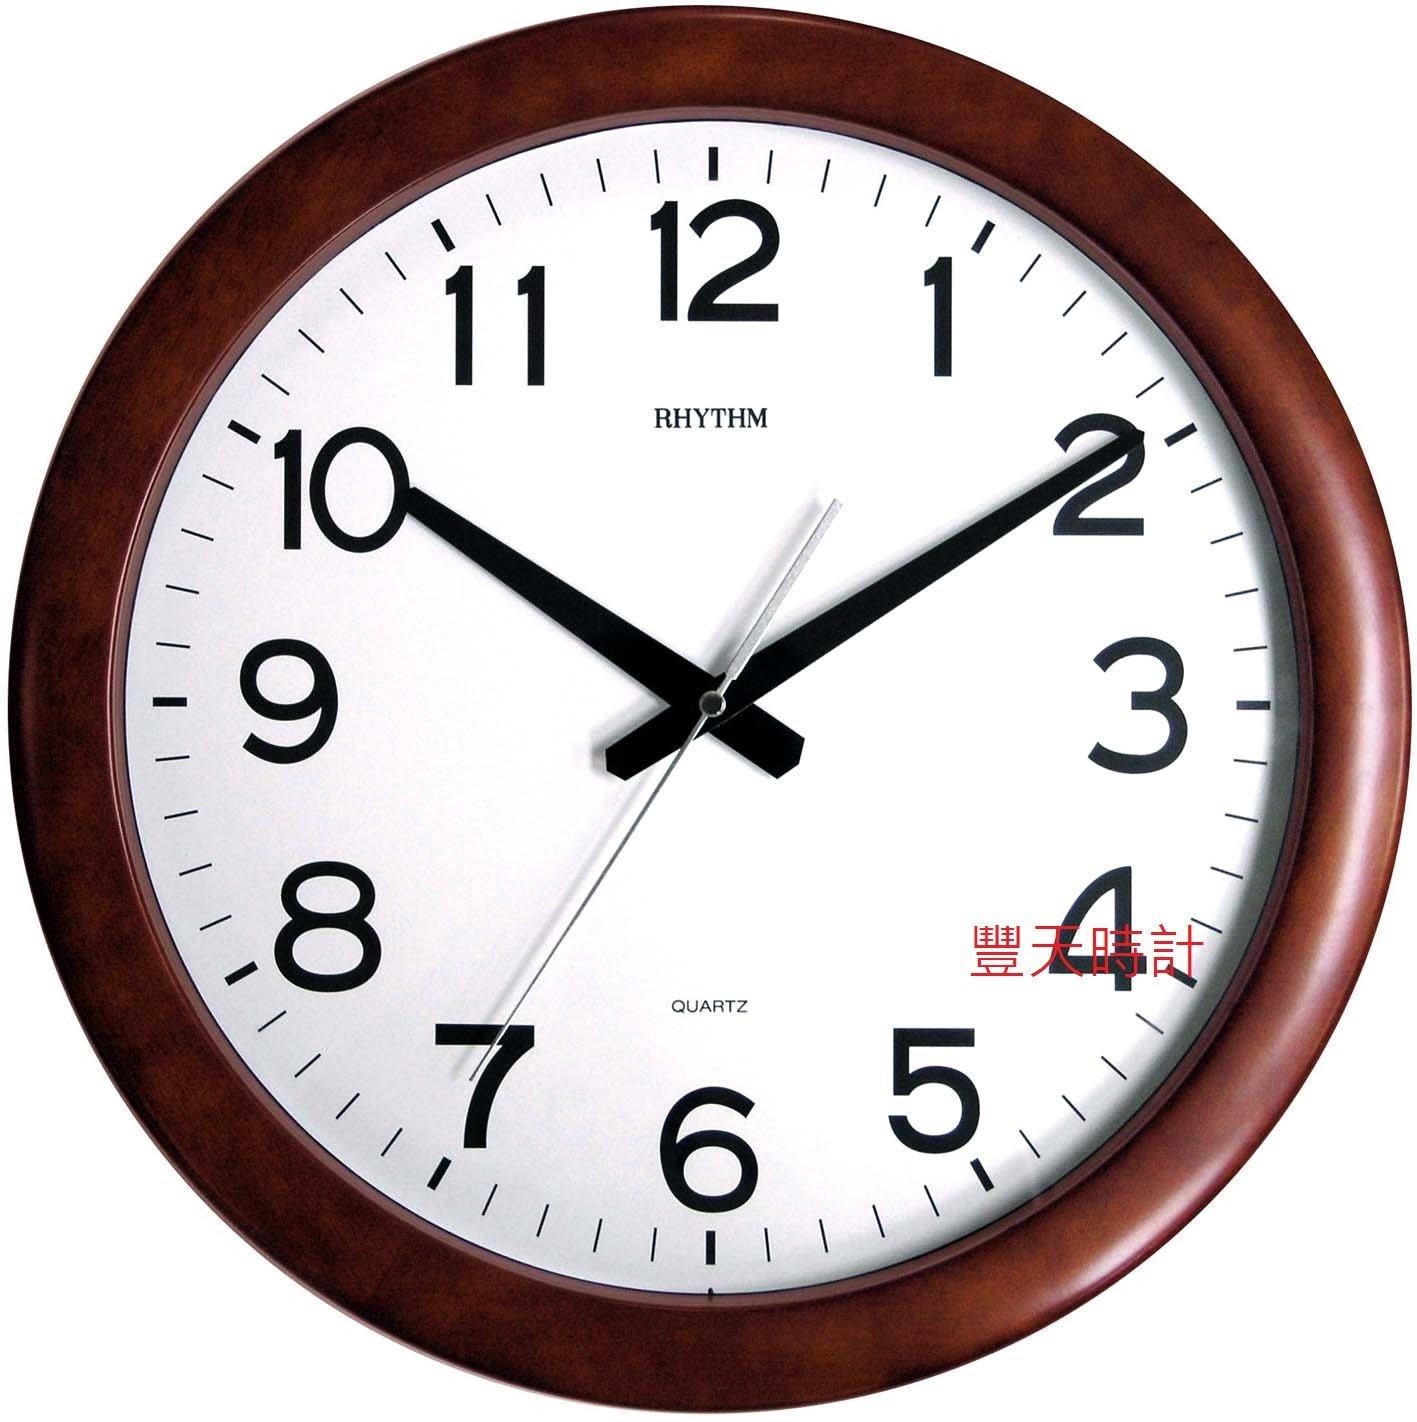 cheaper 275eb 041e5 rhythm麗聲時計的拍賣價格- 飛比價格